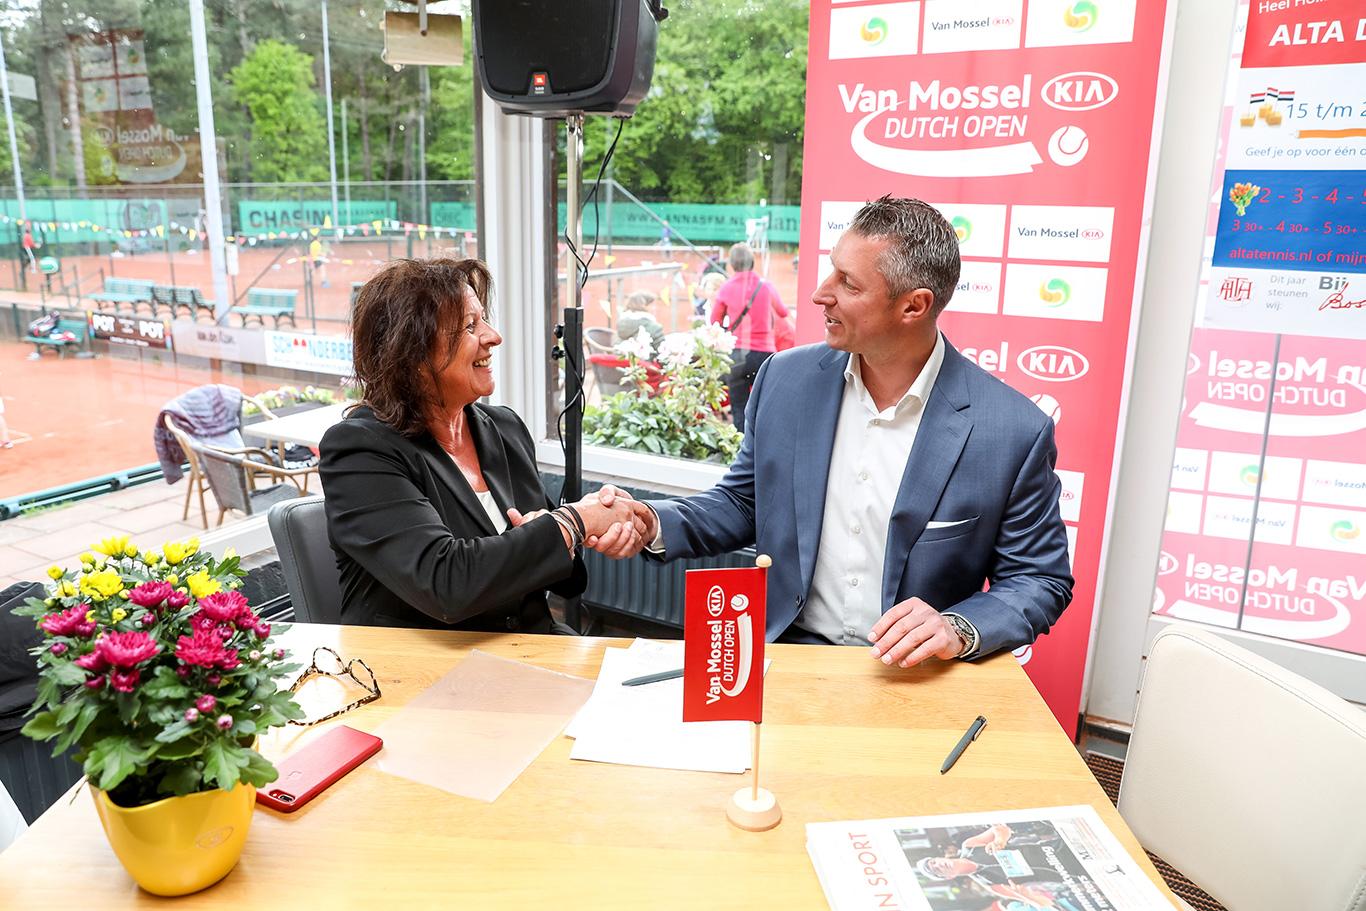 Ans Oude Luttikhuis (STSA) en Bas Huijzer (Van Mossel Kia) hebben het sponsorcontract getekend.